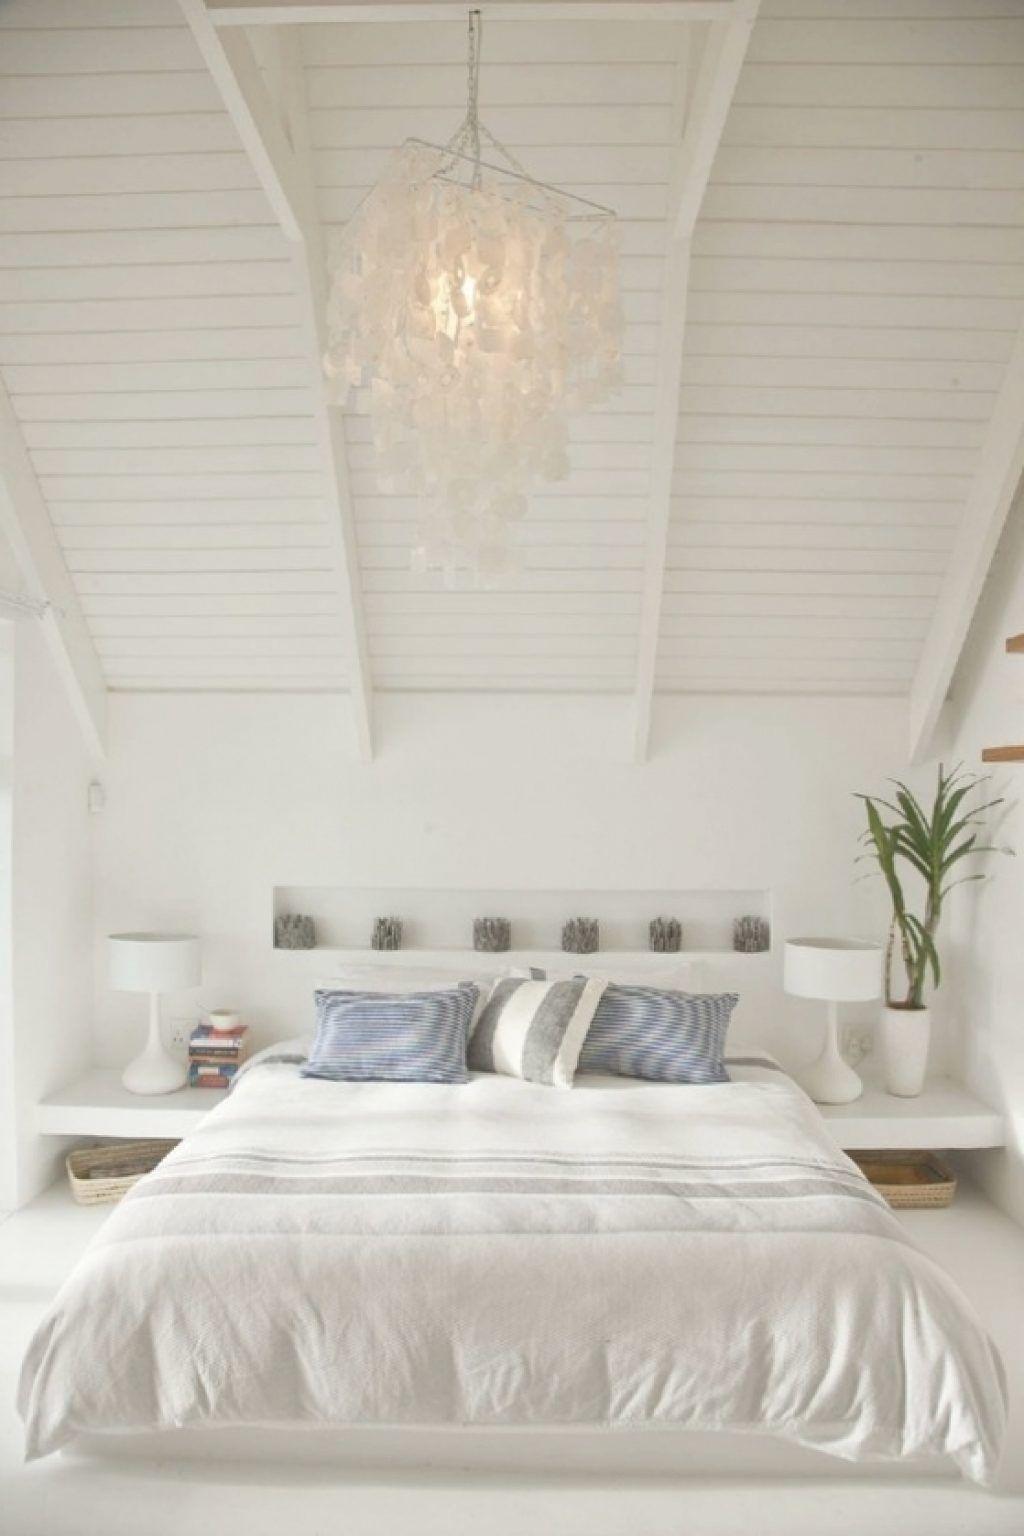 Slaapkamer Beach Look Met Behang Slaapkamer Decoratie | Slaapkamer ...